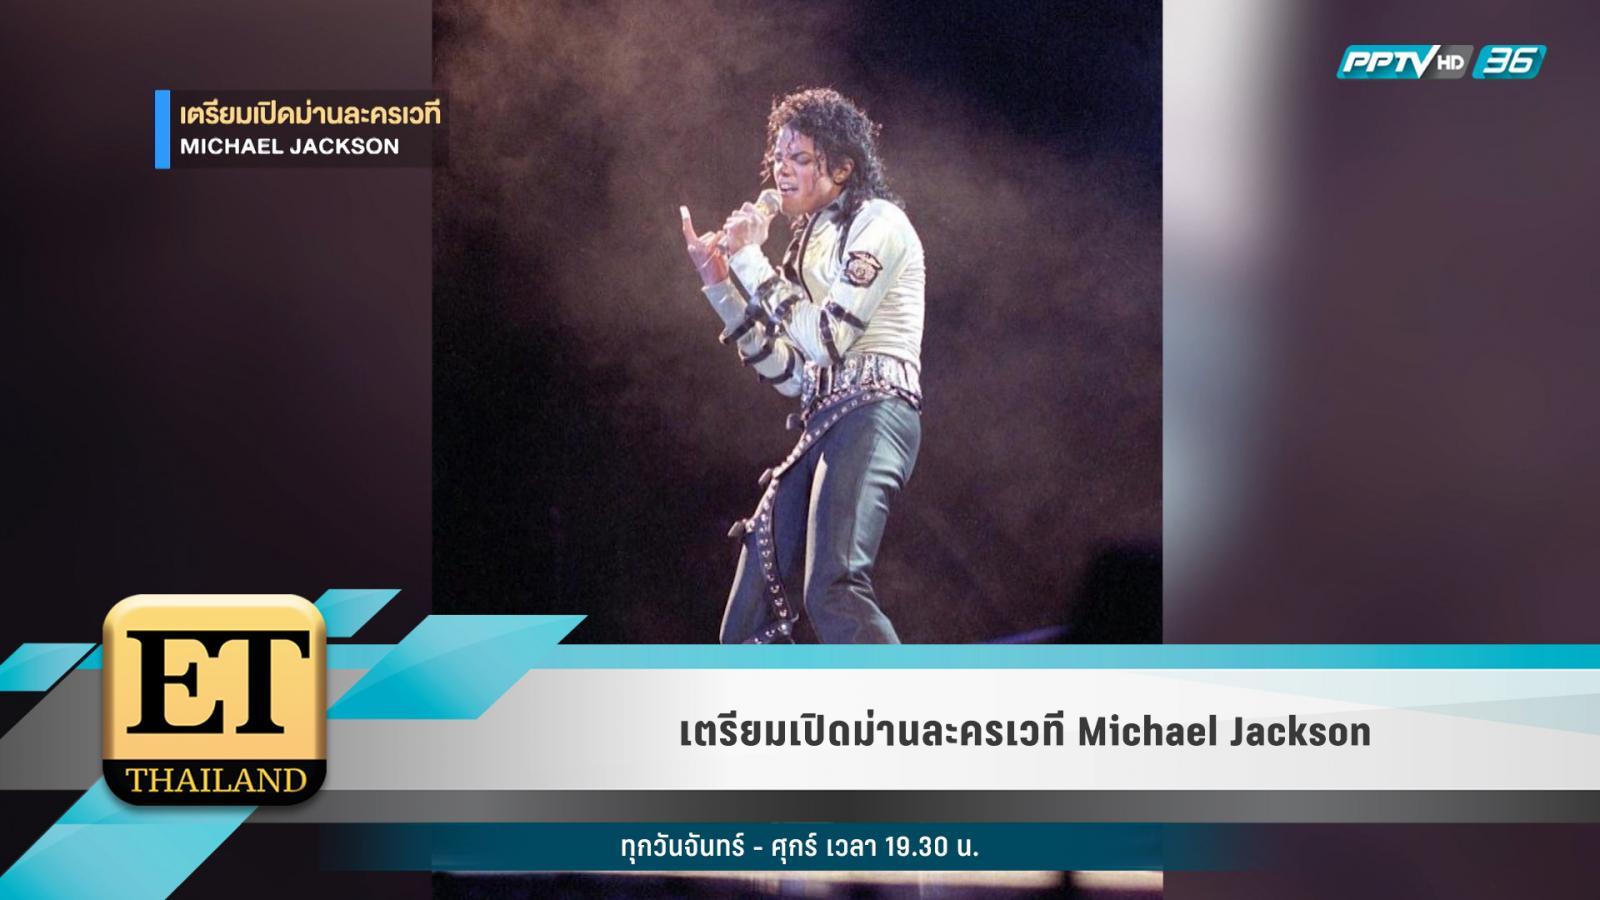 เตรียมเปิดม่านละครเวที Michael Jackson